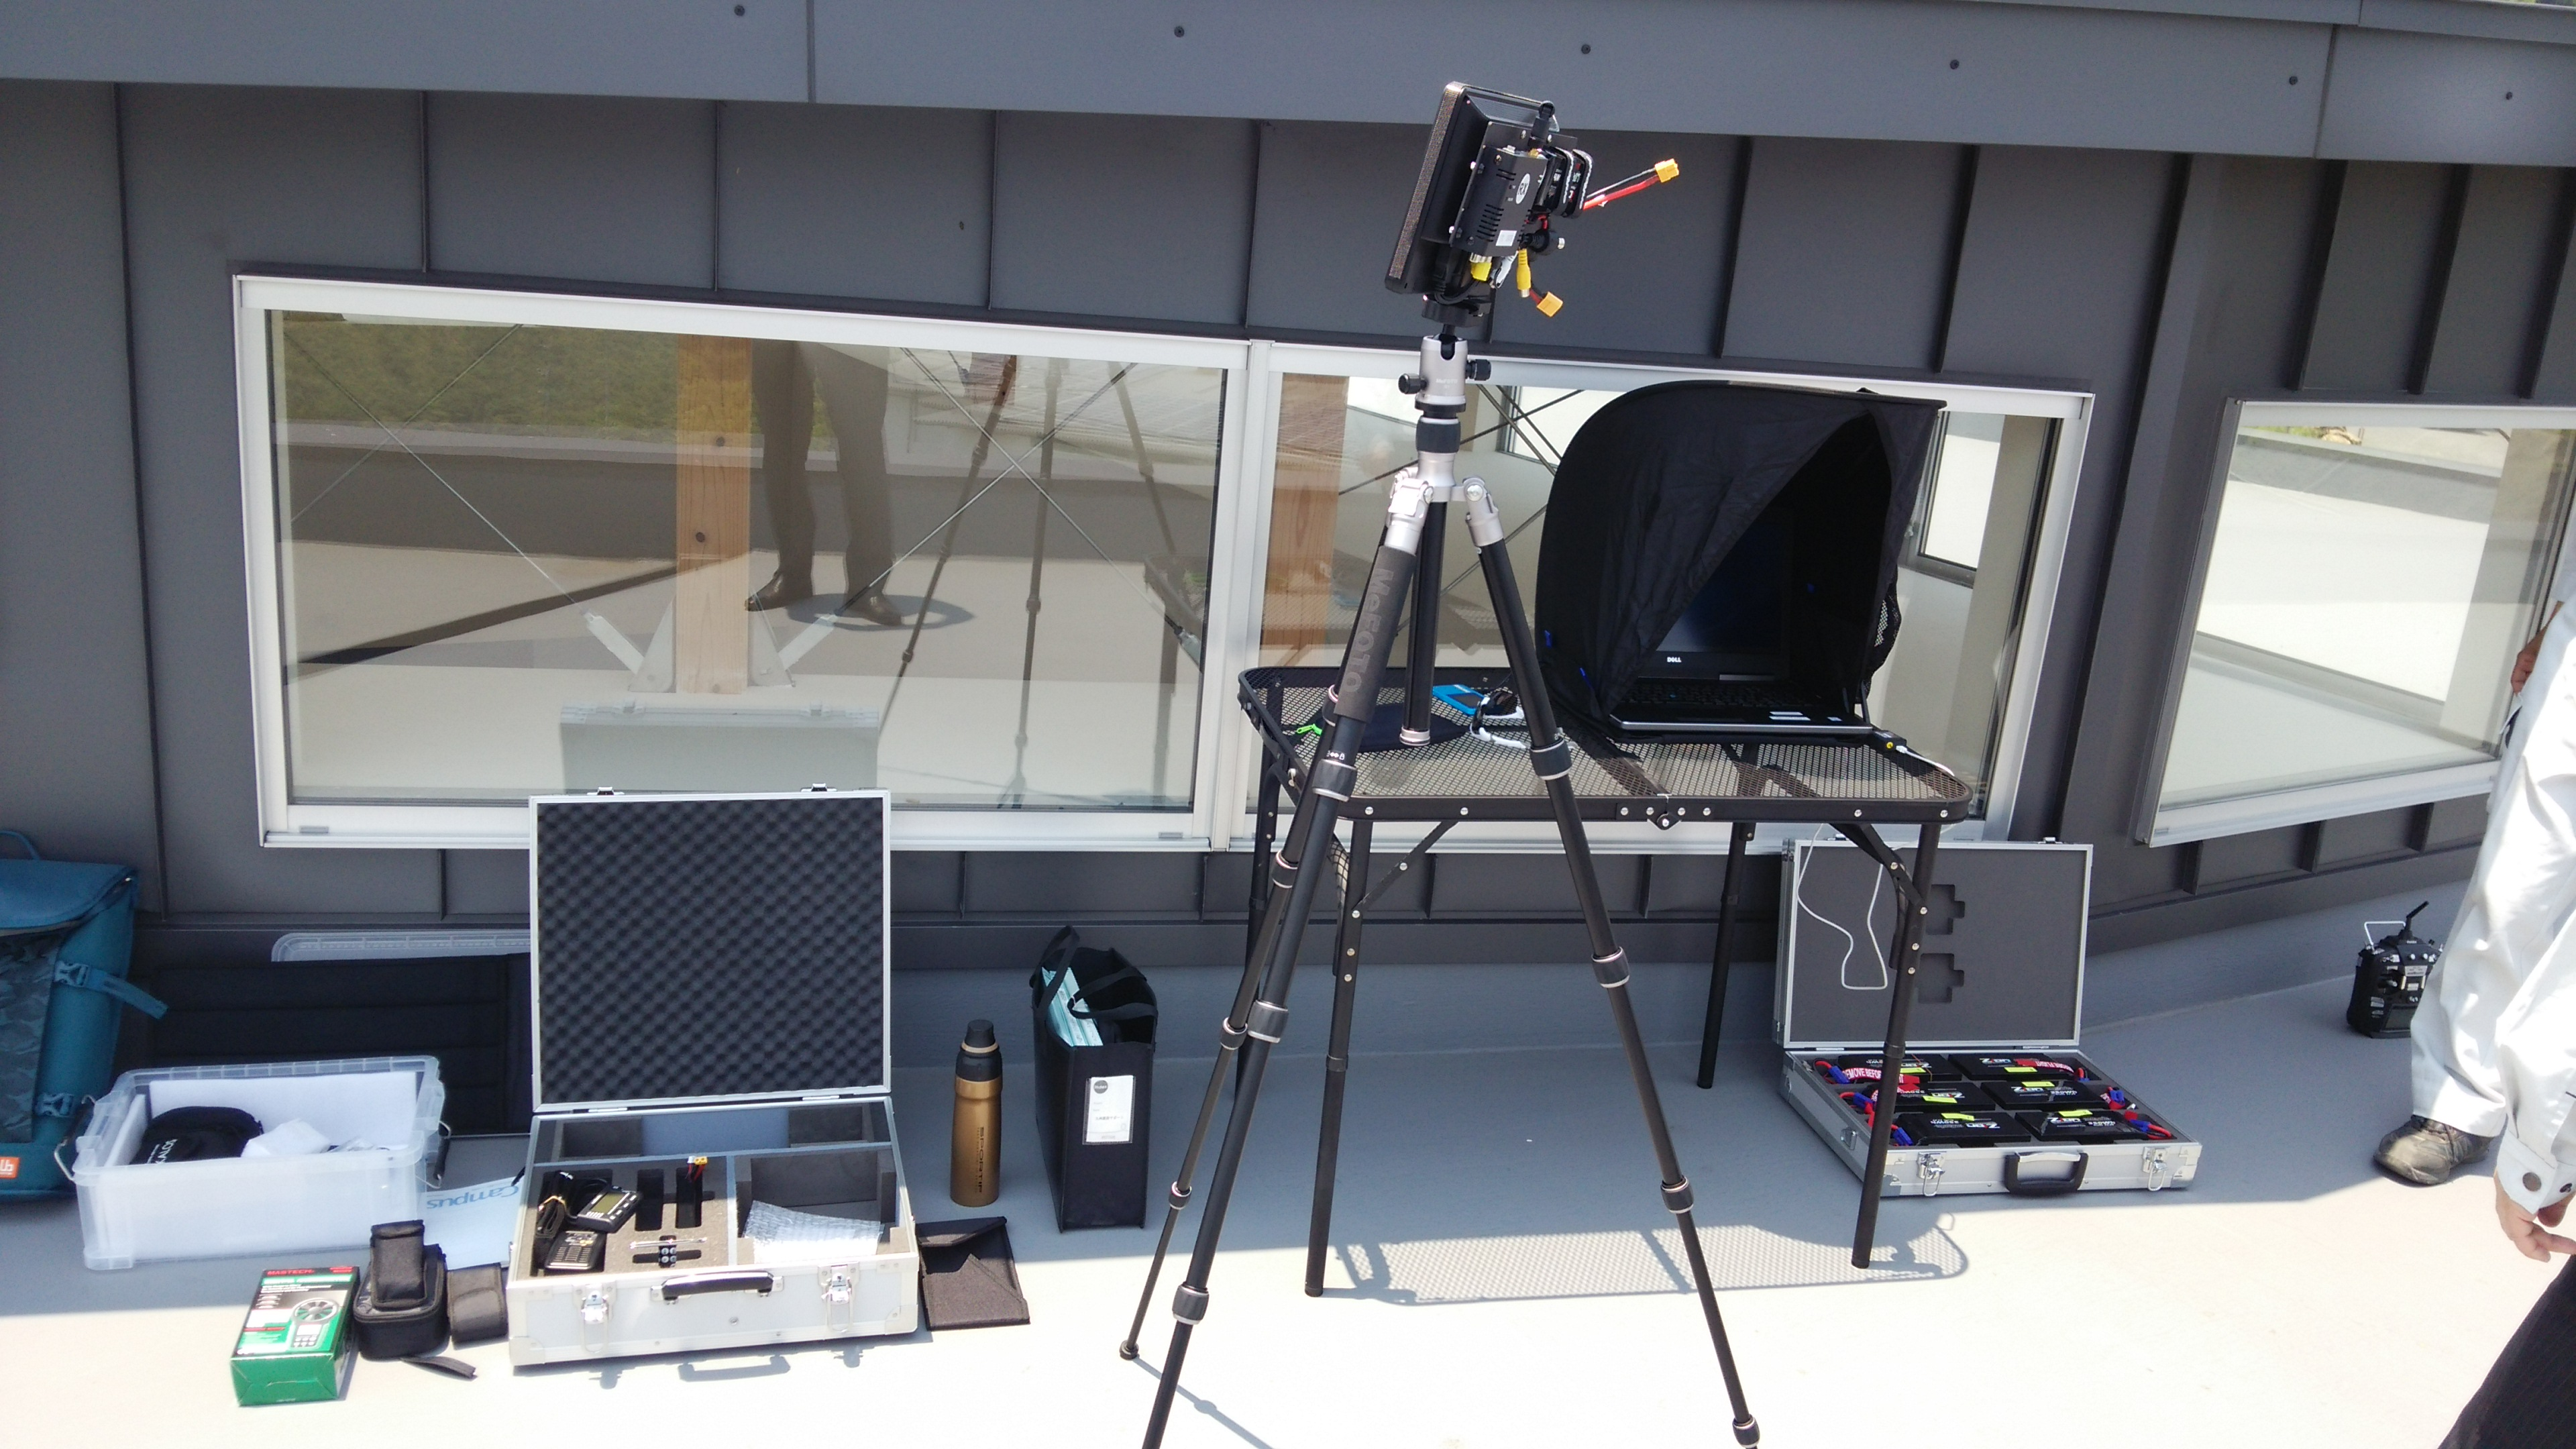 ドローンによる太陽光発電設備の検査を行いました。